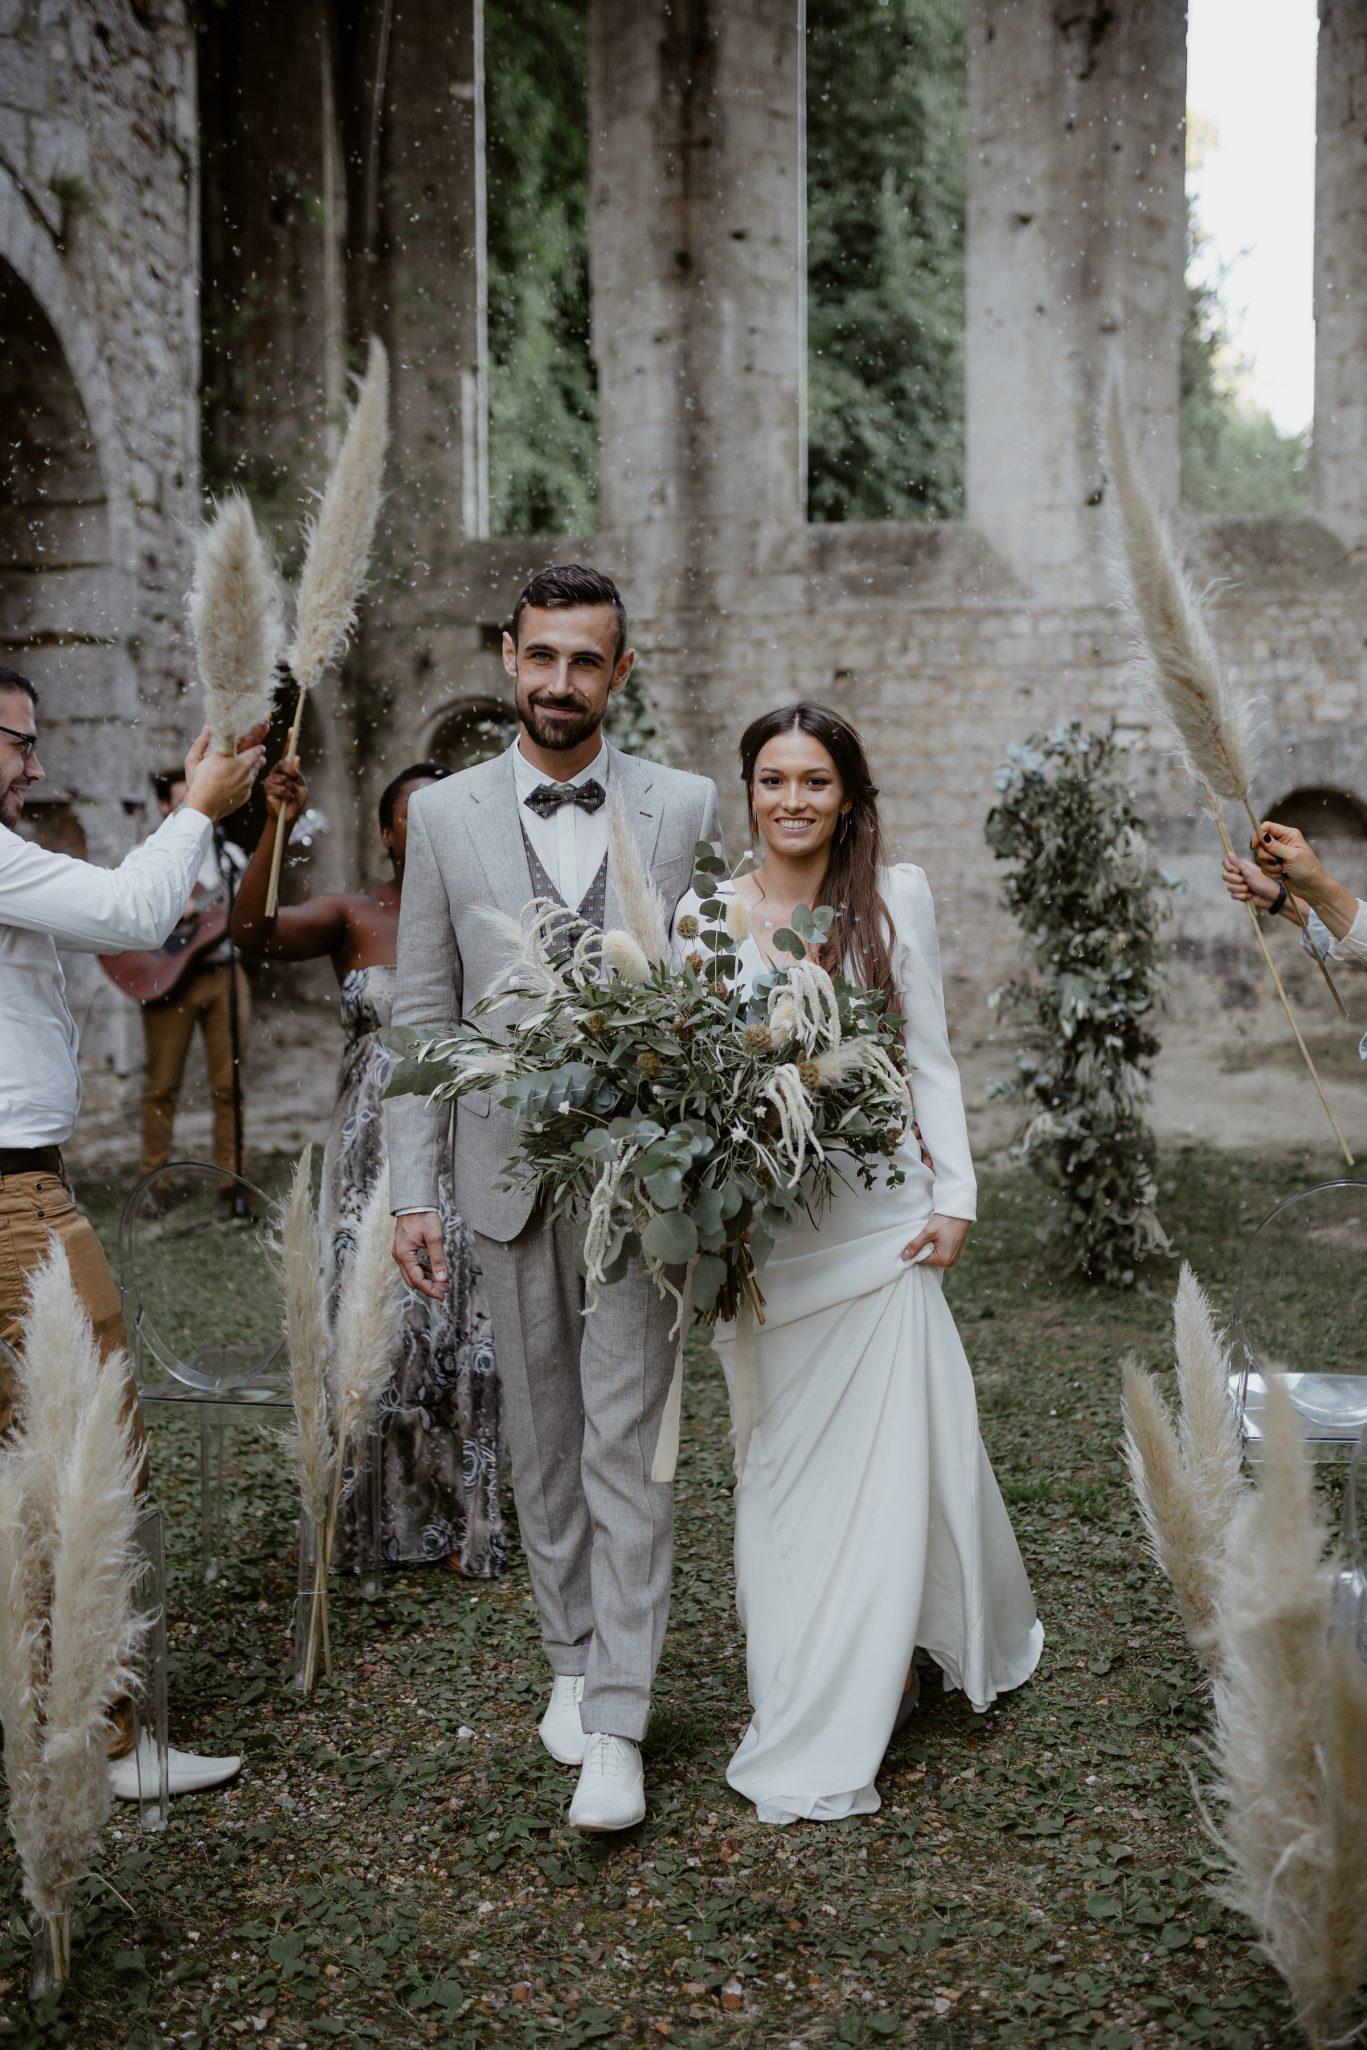 sortie des mariés de la cérémonie laique pour un mariage bohème chic. Empreinte éphémère wedding planner Provence paris normandie